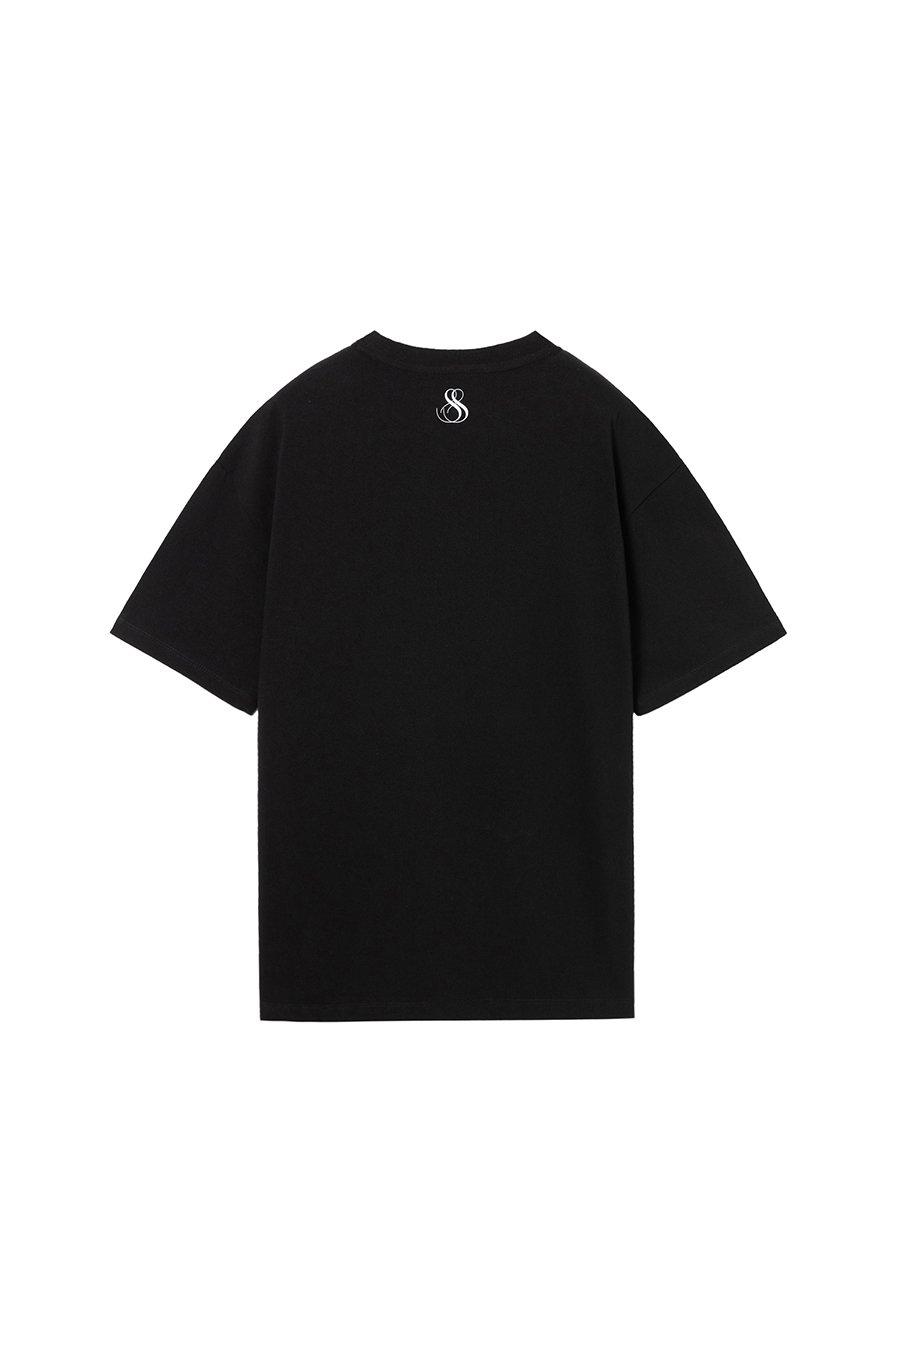 인사일런스 우먼(INSILENCE WOMEN) 프로젝트성수 티셔츠